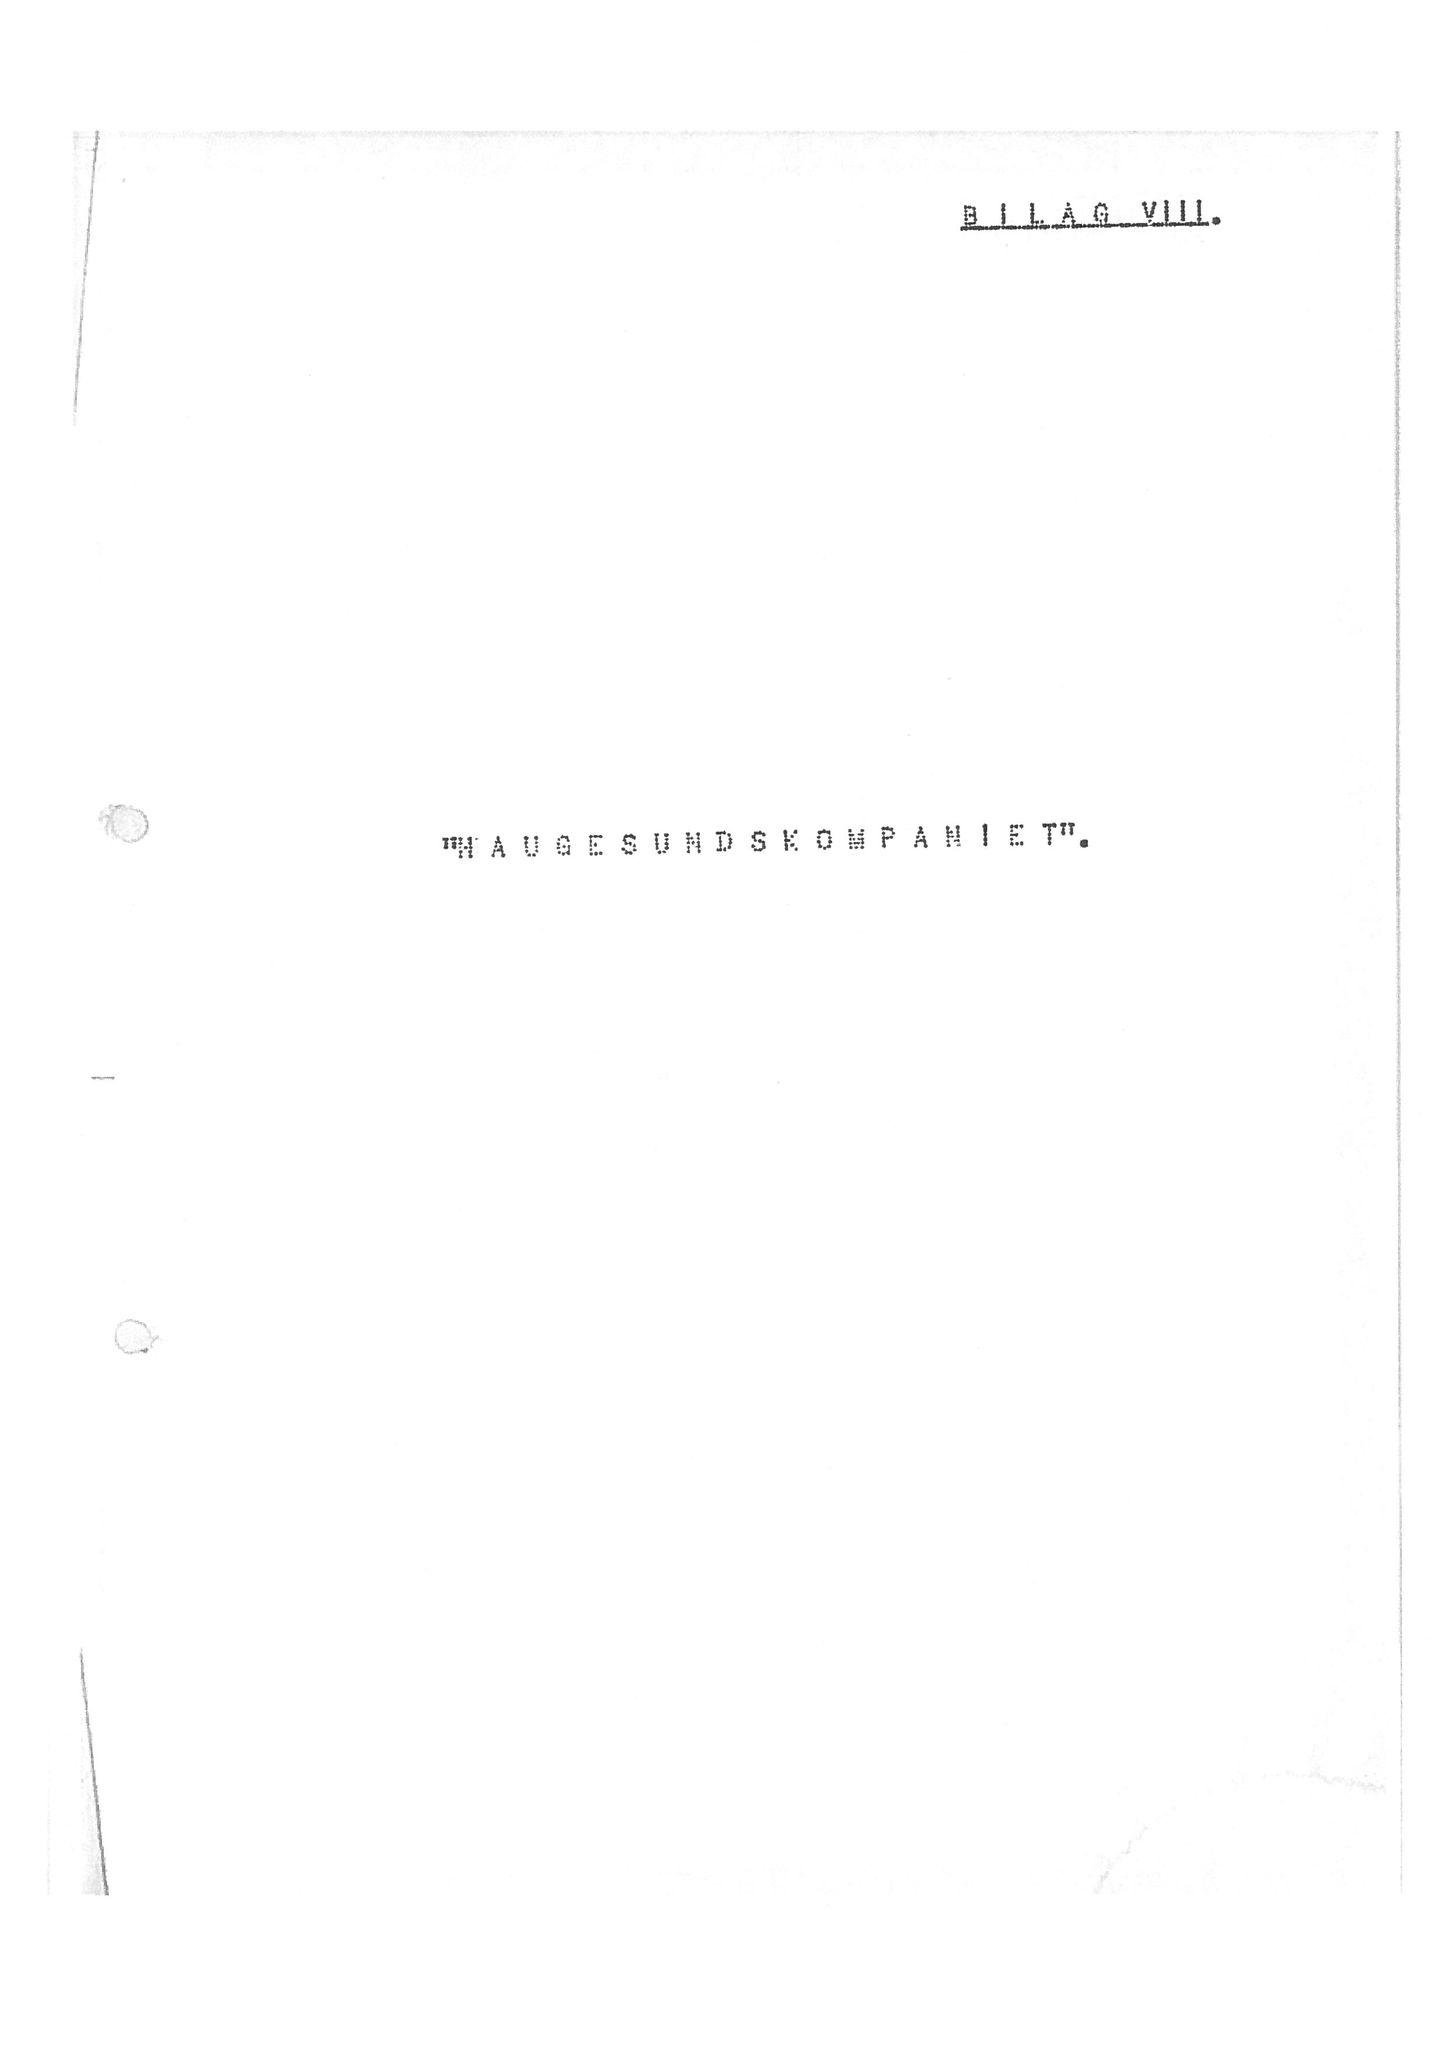 """SAB, Oberst Sverre Blom - manuskript til krigshistorie, F/L0001: Manuskript """"Krigens historie - operasjonene til lands på Vestlandet 1940"""" av oberst Sverre Blom, 1940"""